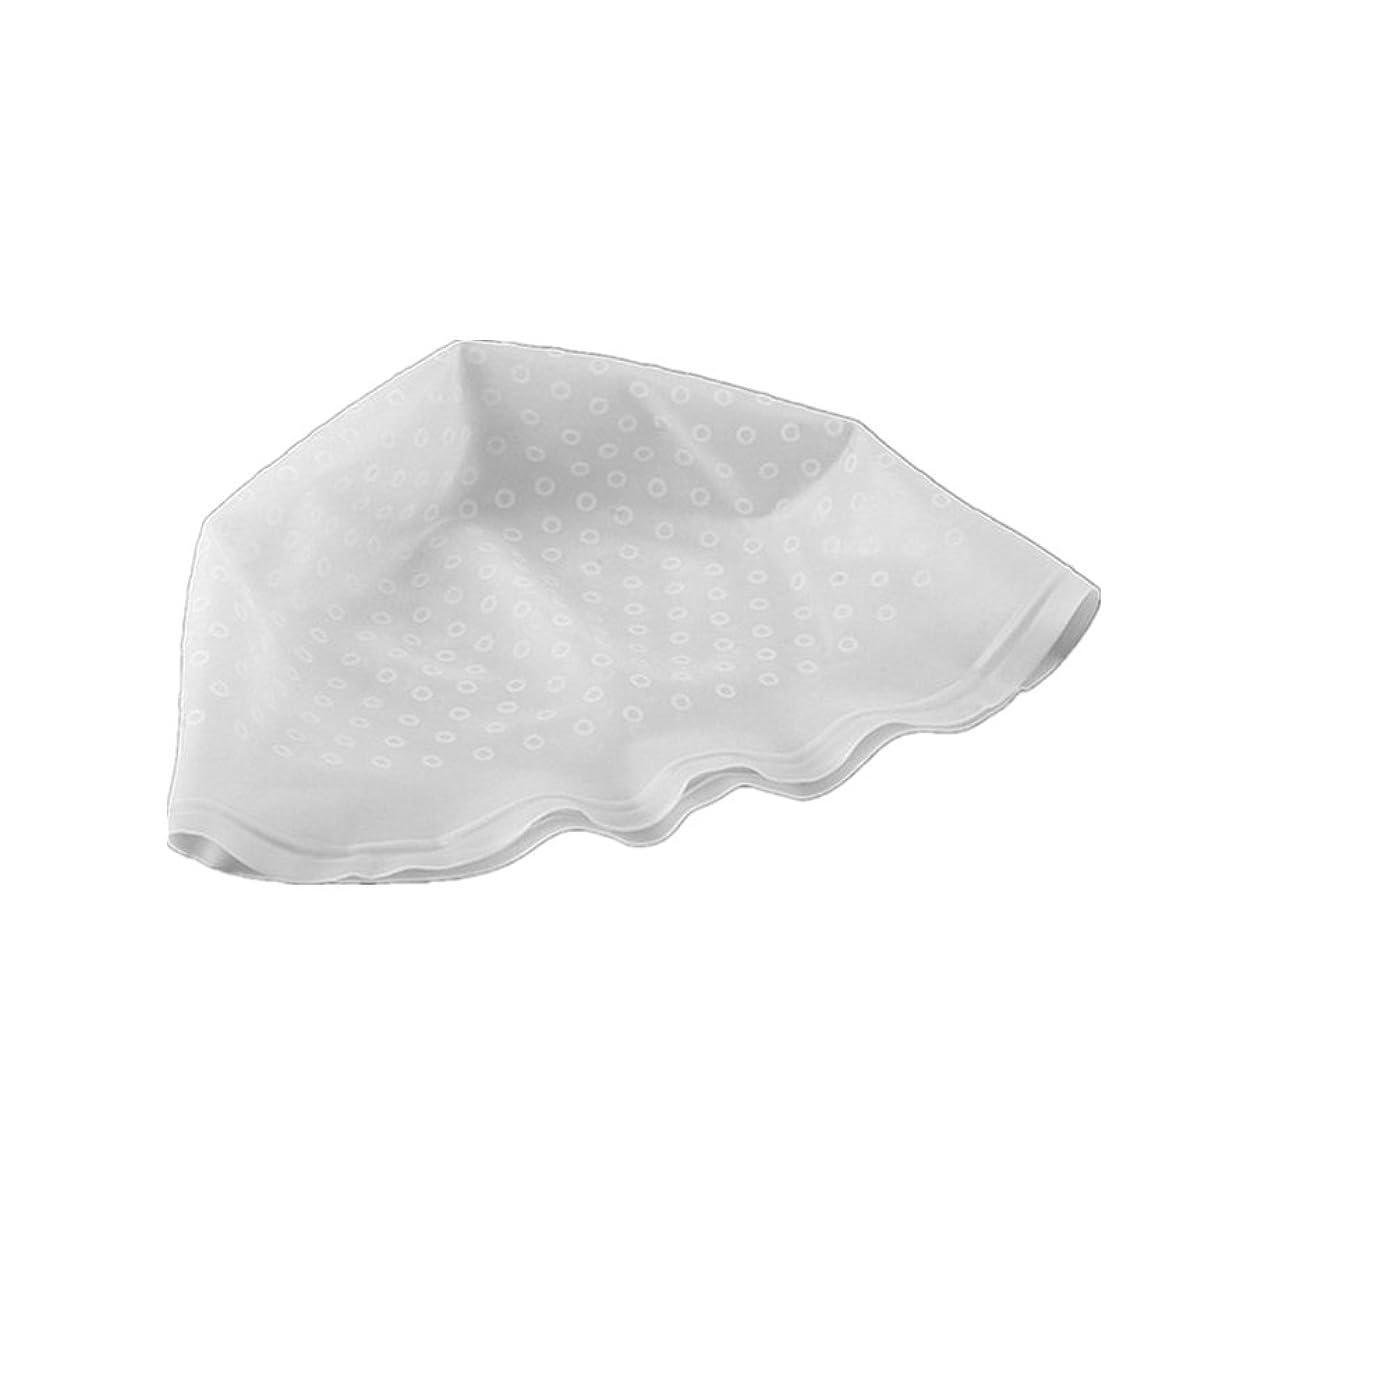 ほんの静脈力強いAMAA 毛染め用 キャップ ヘアカラーキャップ 再利用可能 染め専用 ボンネット ヘアカラー (白)